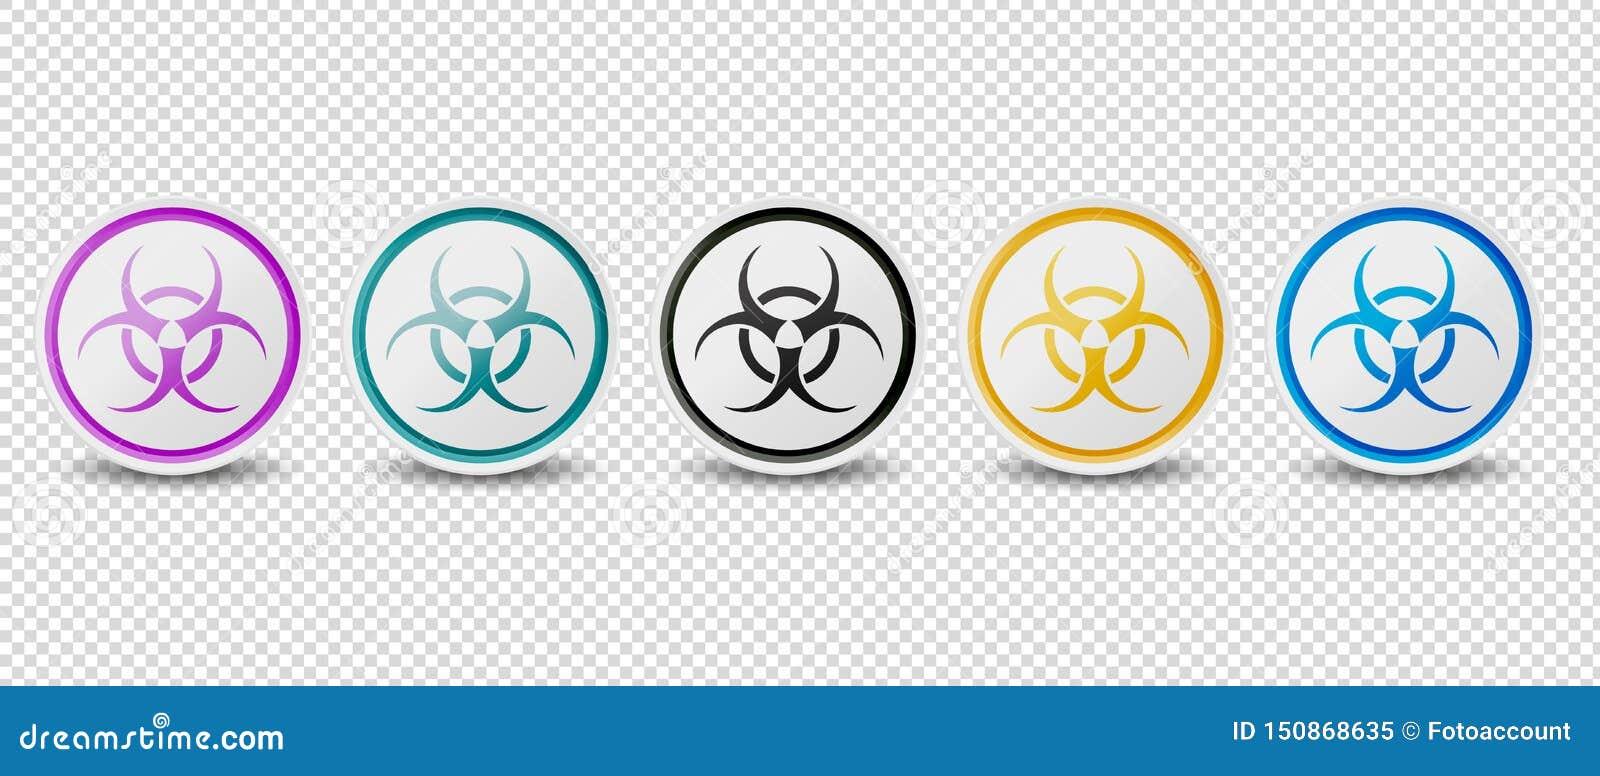 Biohazard symbol Zapina Wektorowe ikony Odizolowywać Na Przejrzystym tle - Różni kolory -